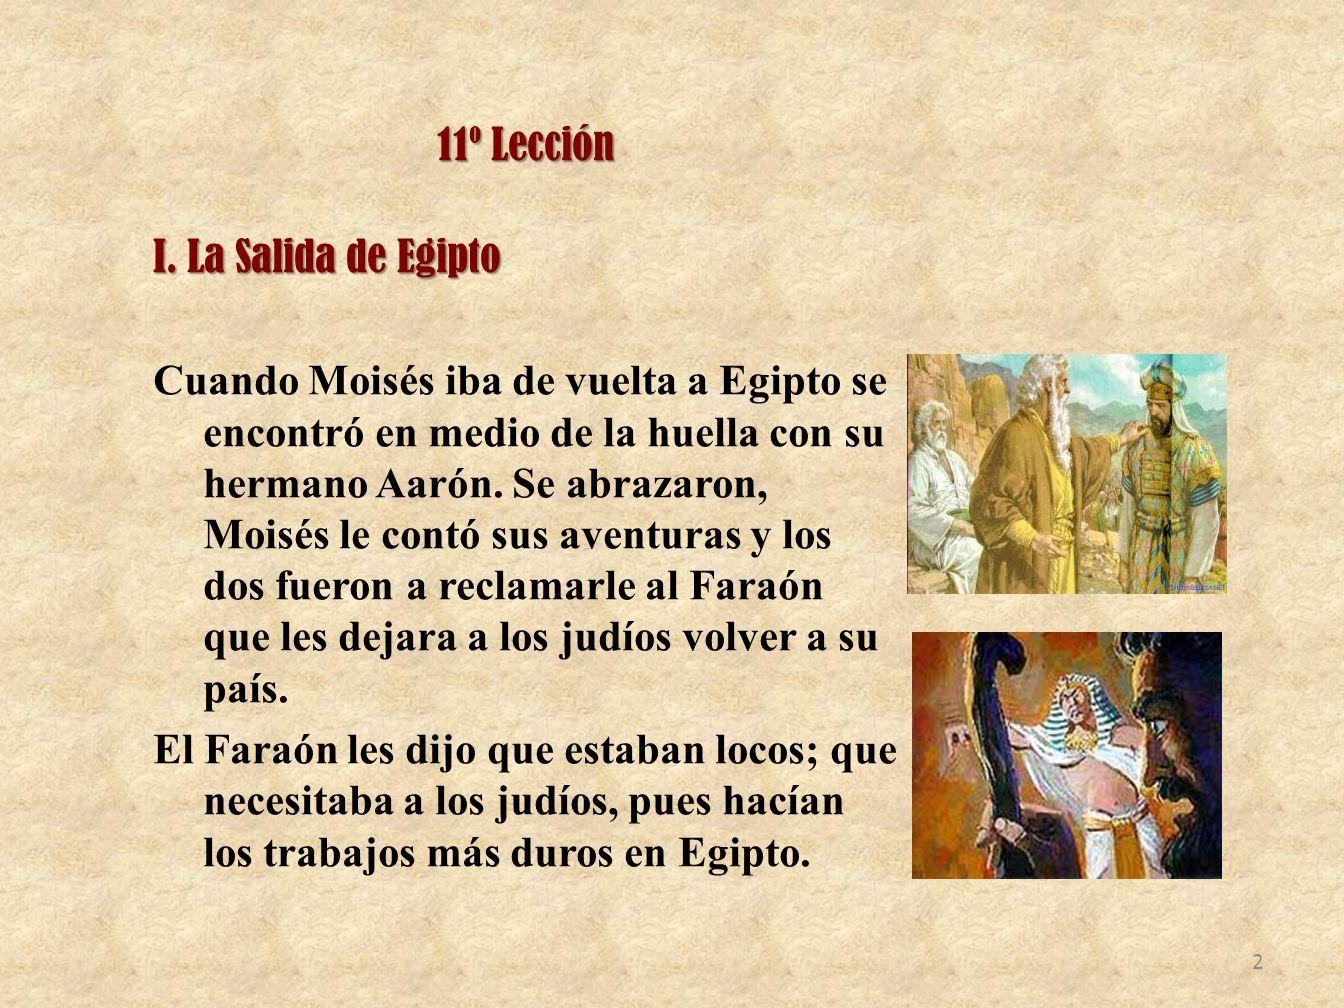 3 Moisés le hizo saber que era voluntad de Dios que permitiera salir a los israelitas.